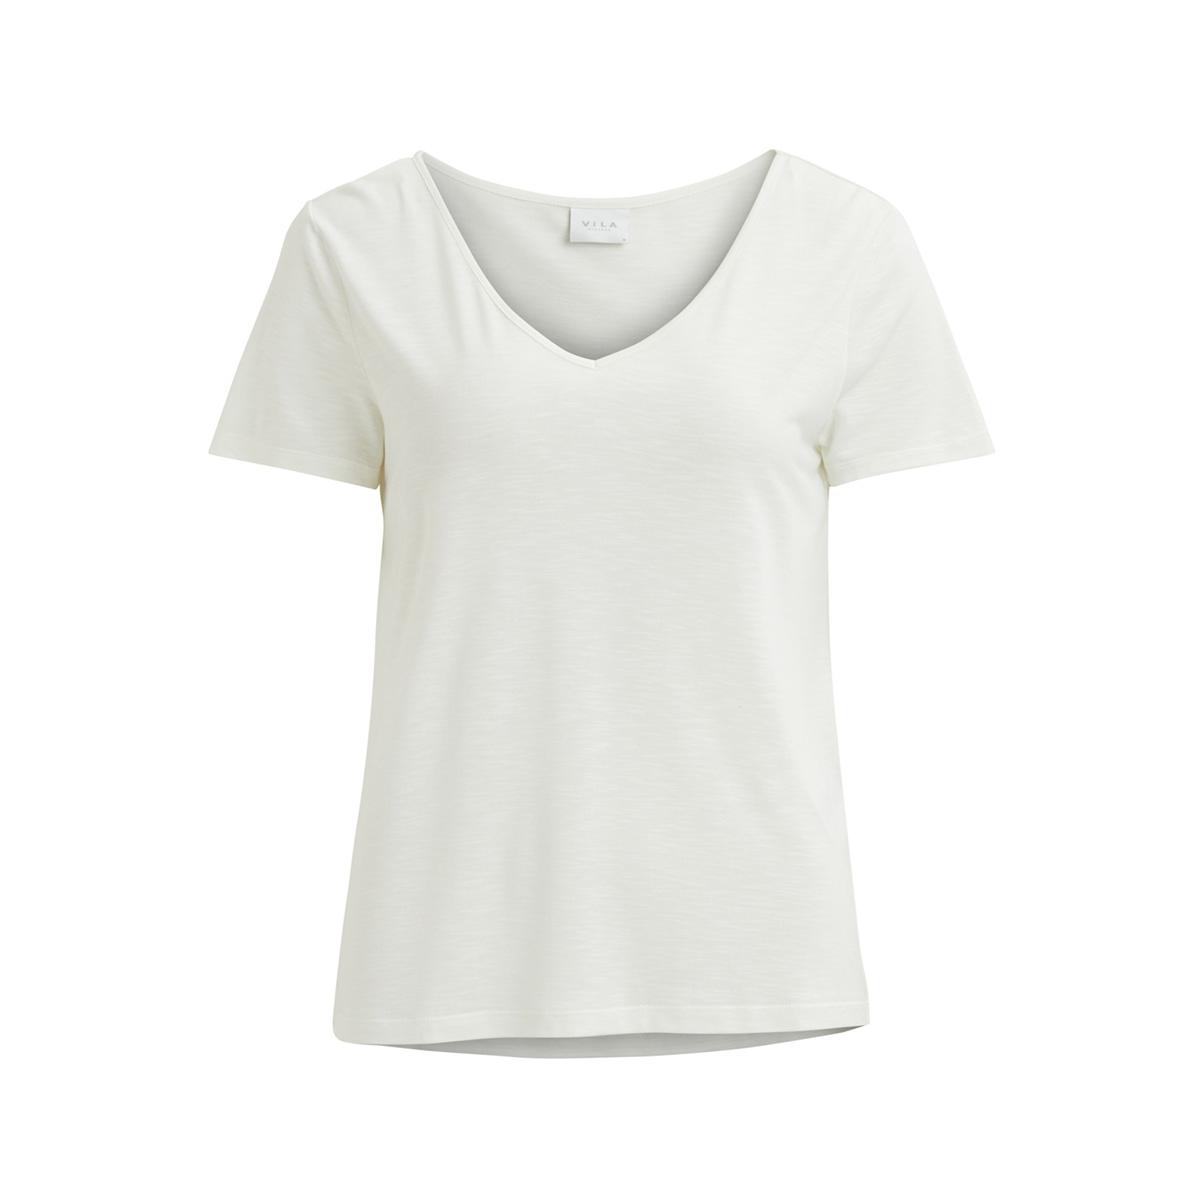 vinoel s/s v-neck t-shirt-noos 14047596 vila t-shirt cloud dancer